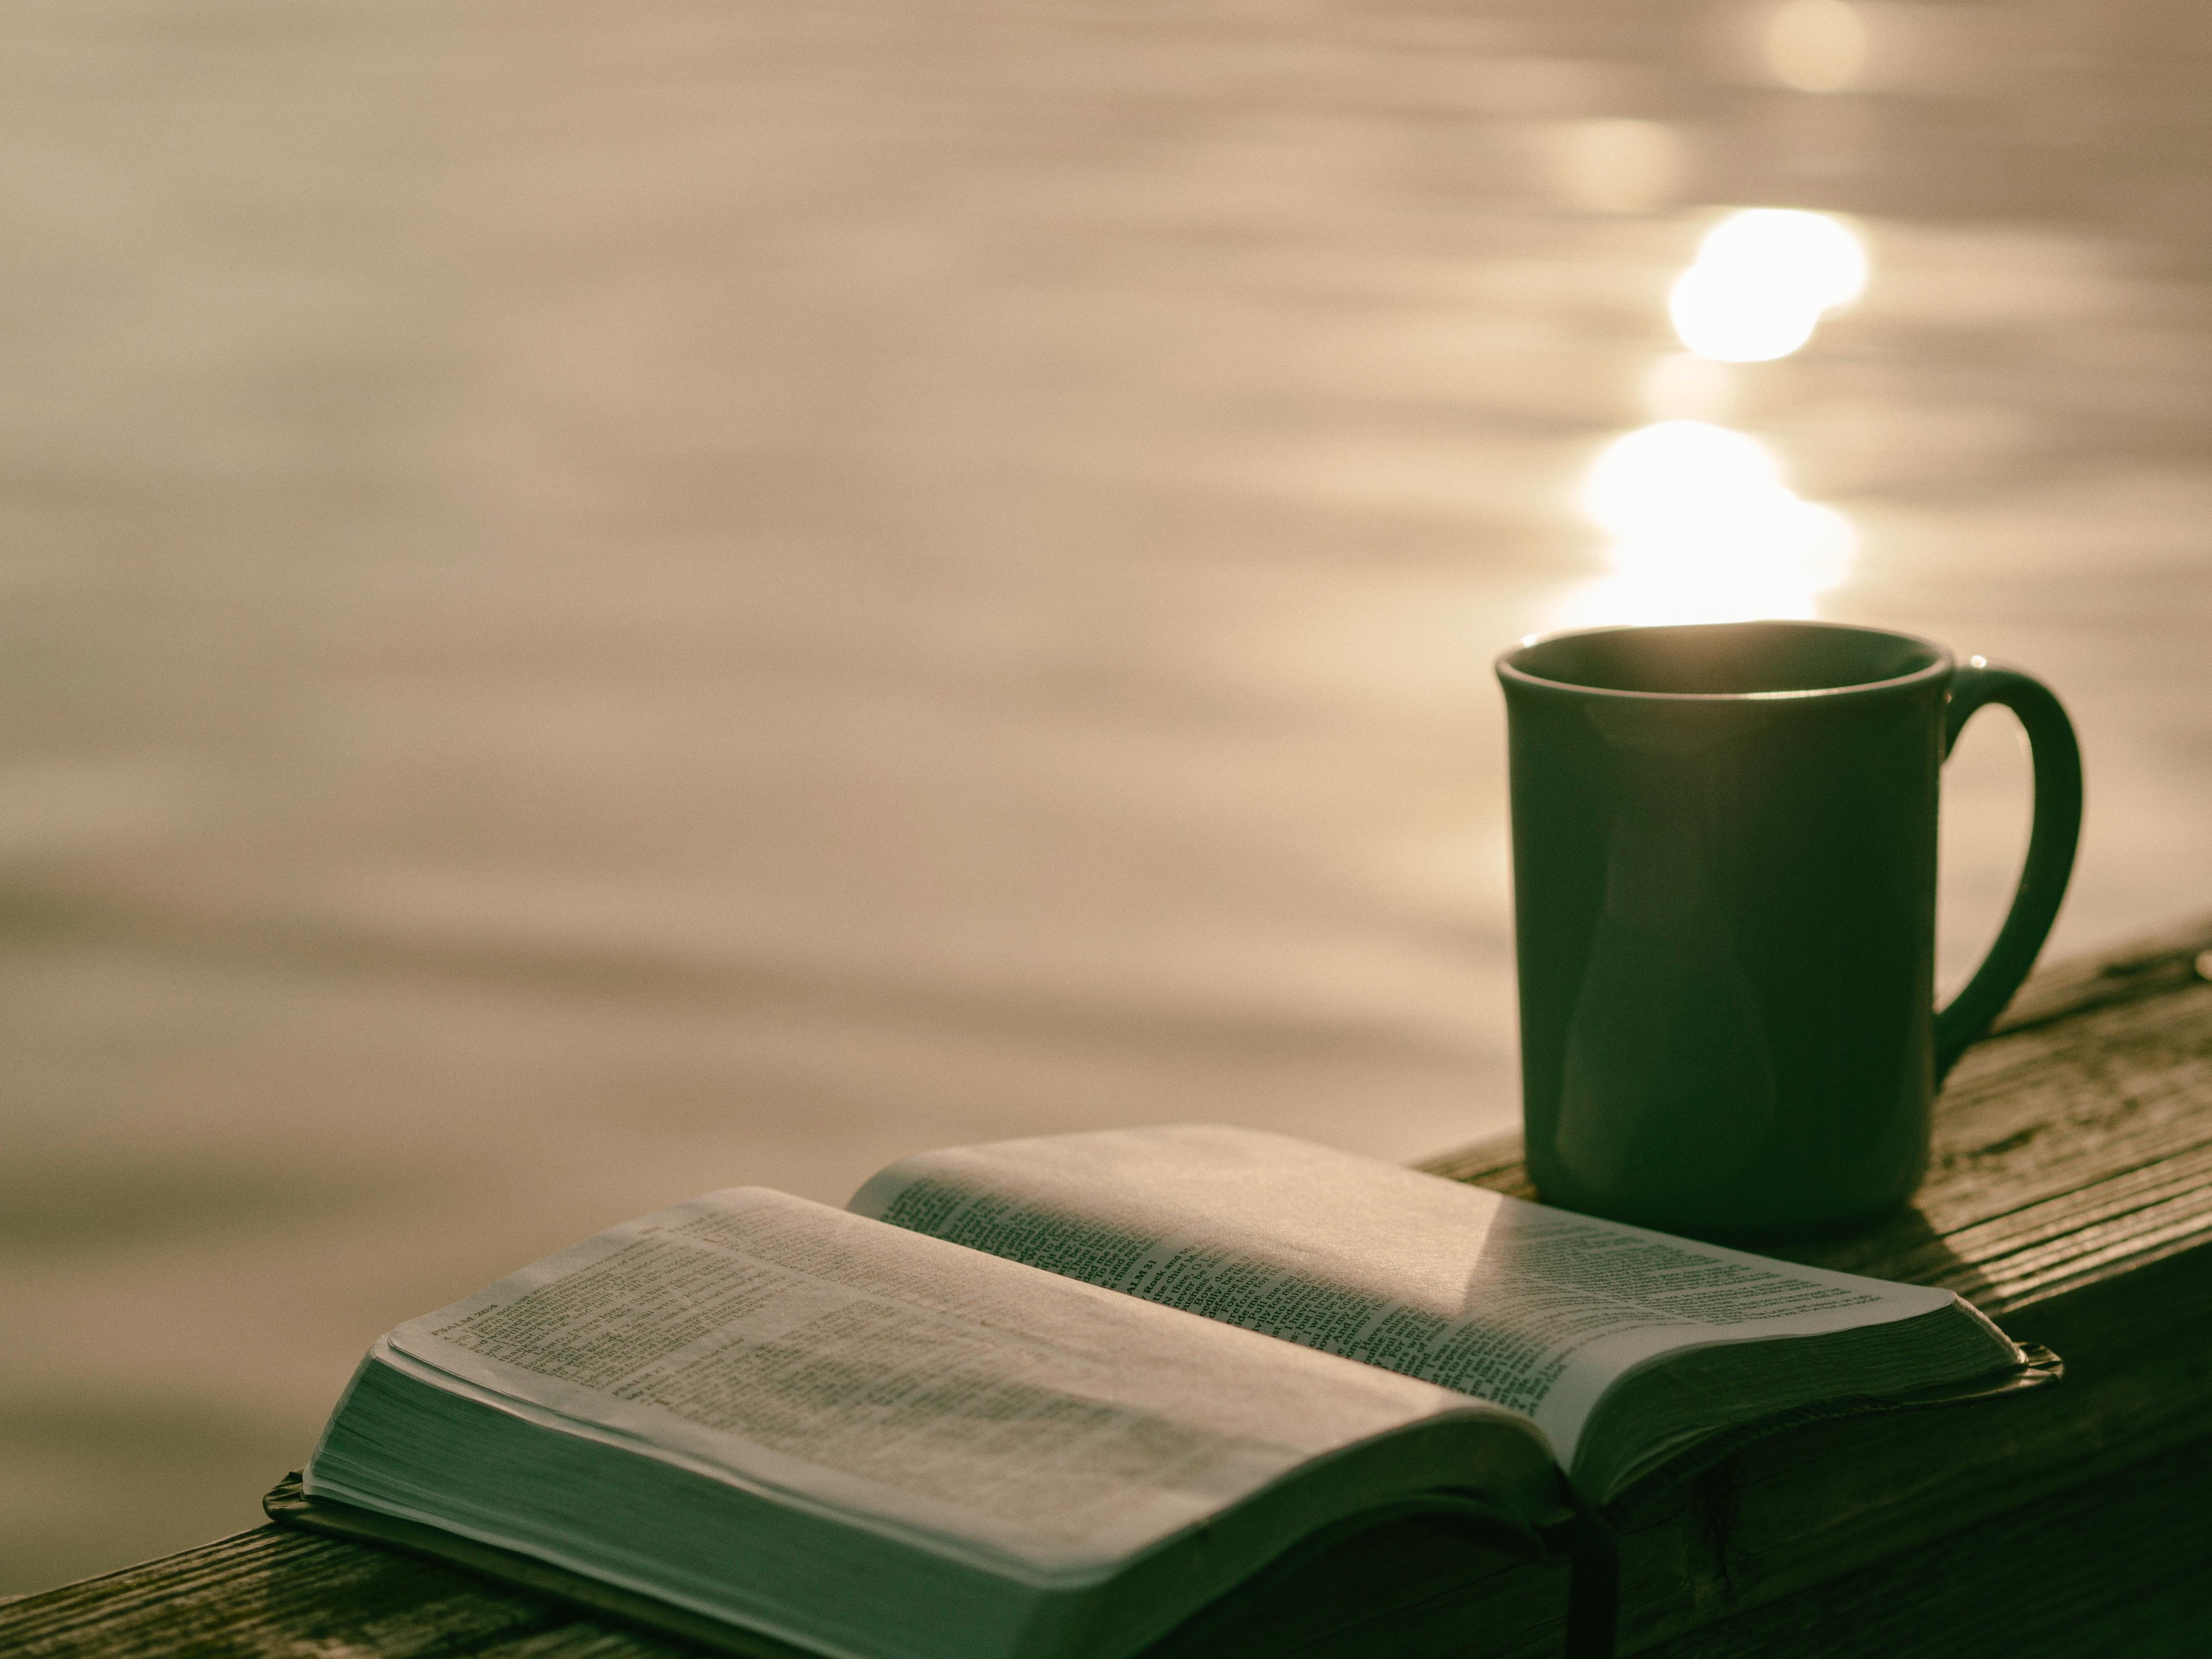 бейлиз относится зима и библия картинки тем, как